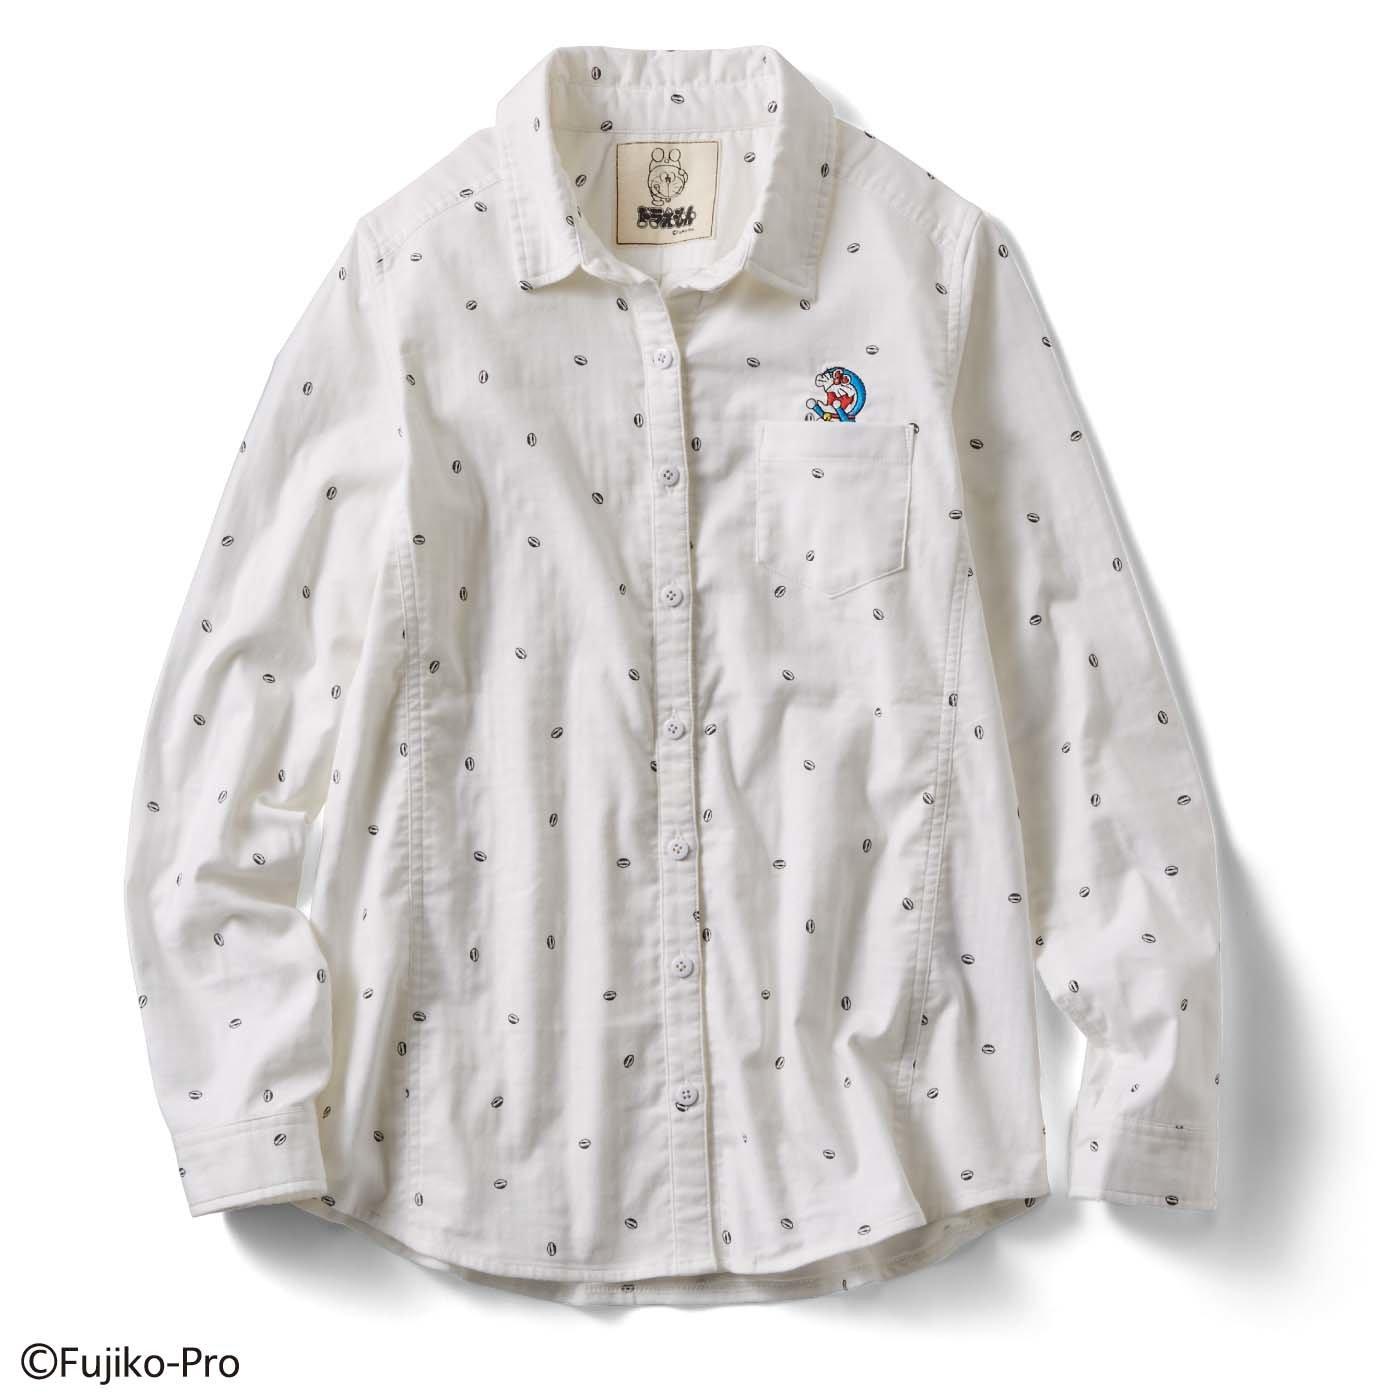 ドラえもん 大人もキュンとする 着心地抜群!レディース伸びシャツ 〈ホワイト〉